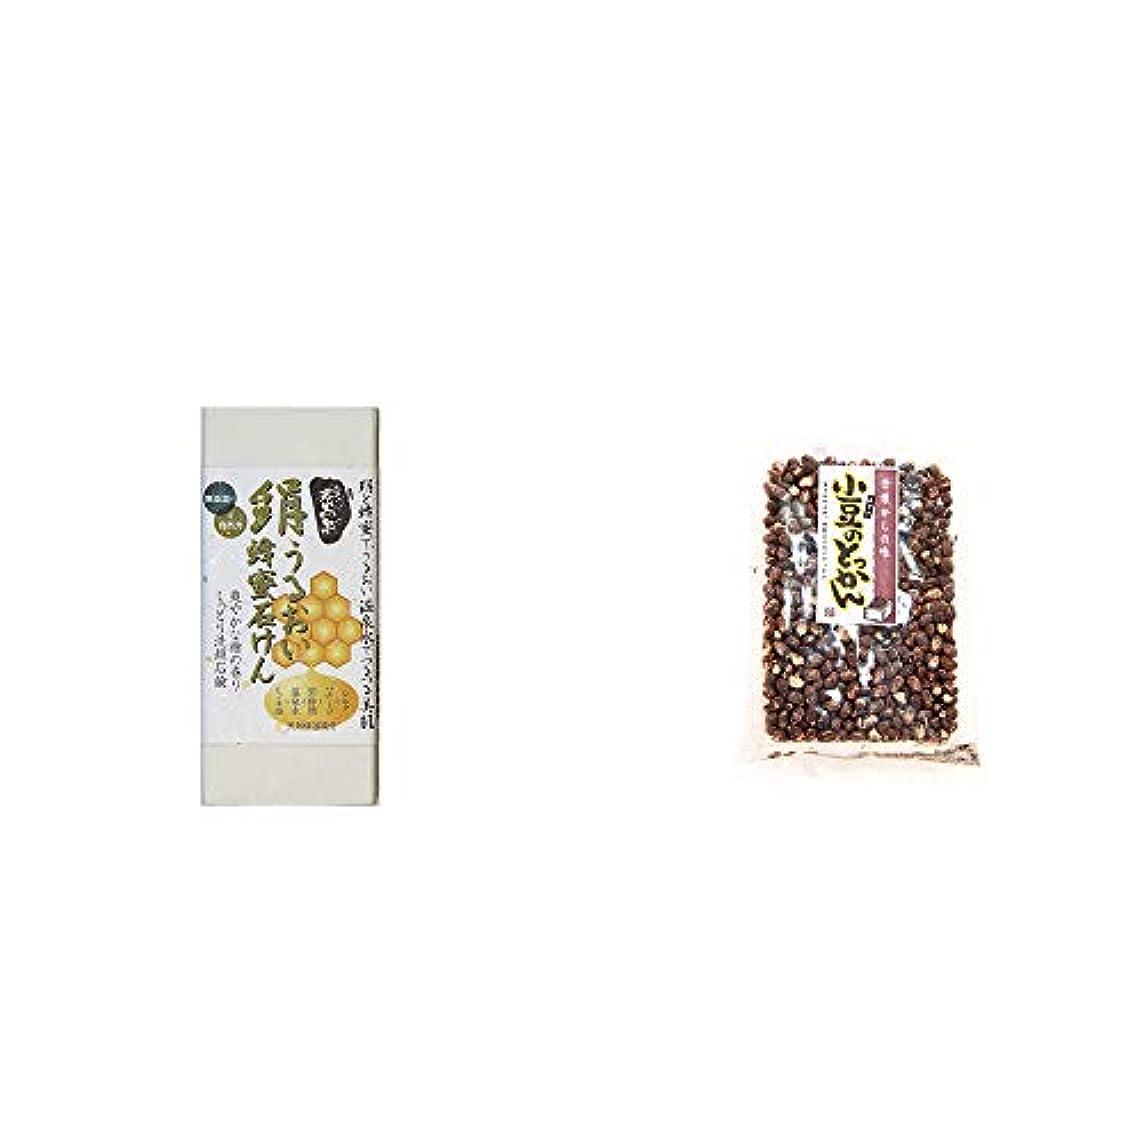 毎月各豪華な[2点セット] ひのき炭黒泉 絹うるおい蜂蜜石けん(75g×2)?小豆のとっかん(150g)